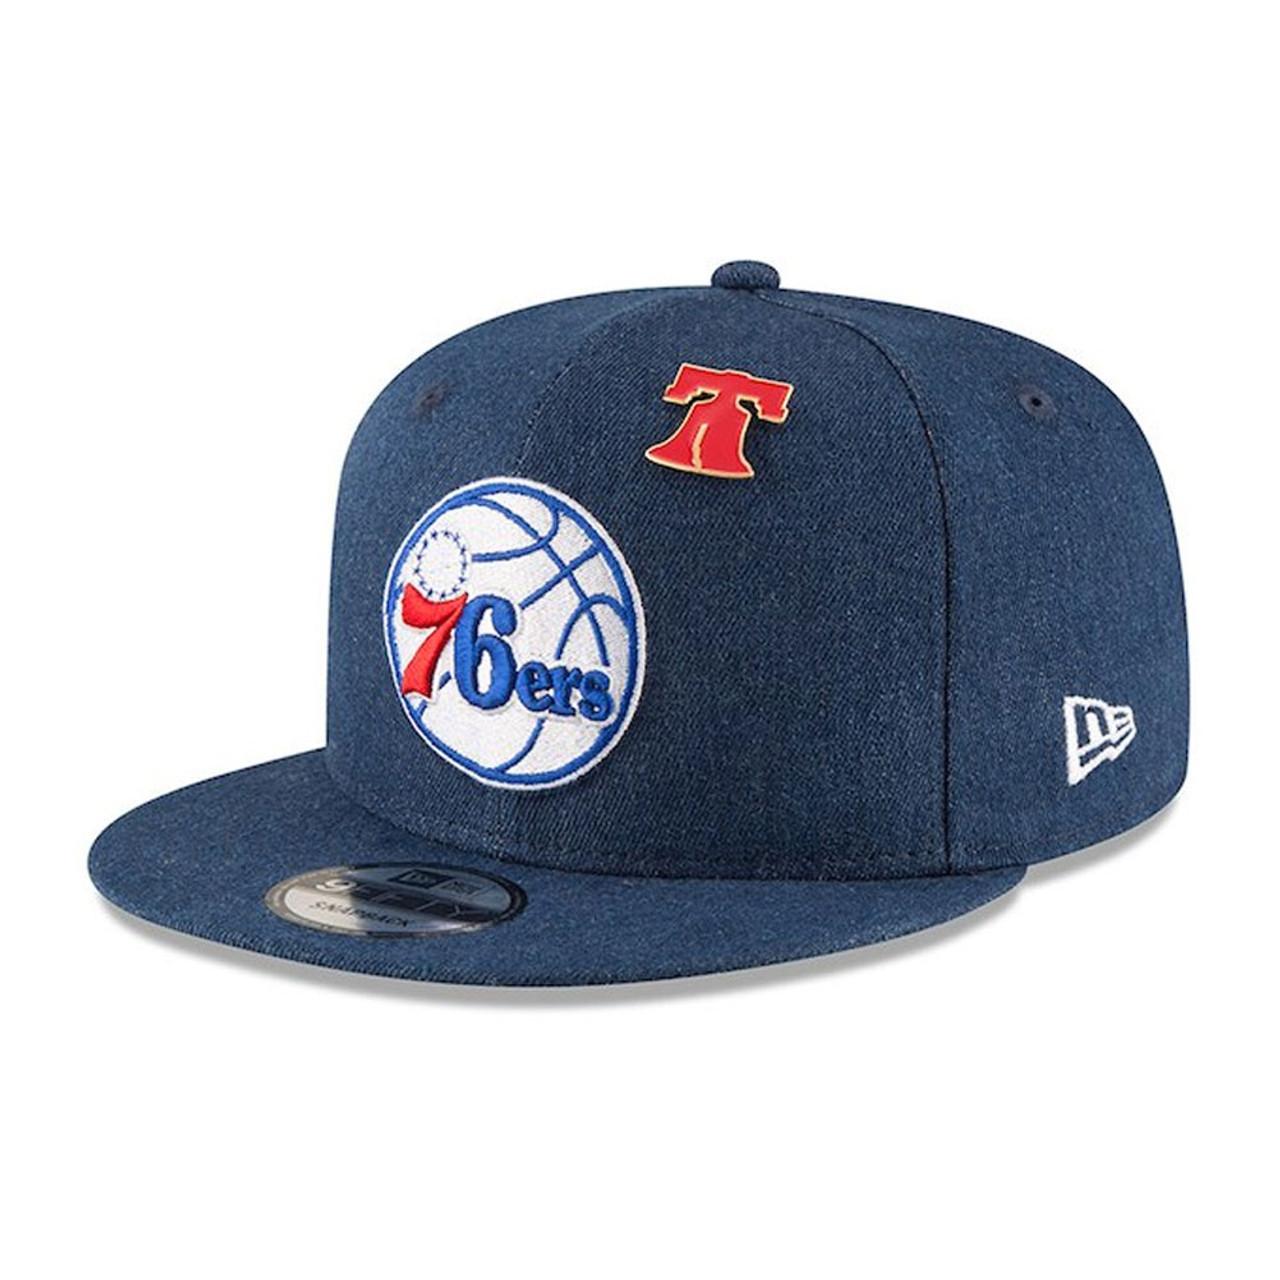 sports shoes 0e25e b95b1 NEW ERA philadelphia 76ers 9forty adjustable NBA basketball league cap   royal